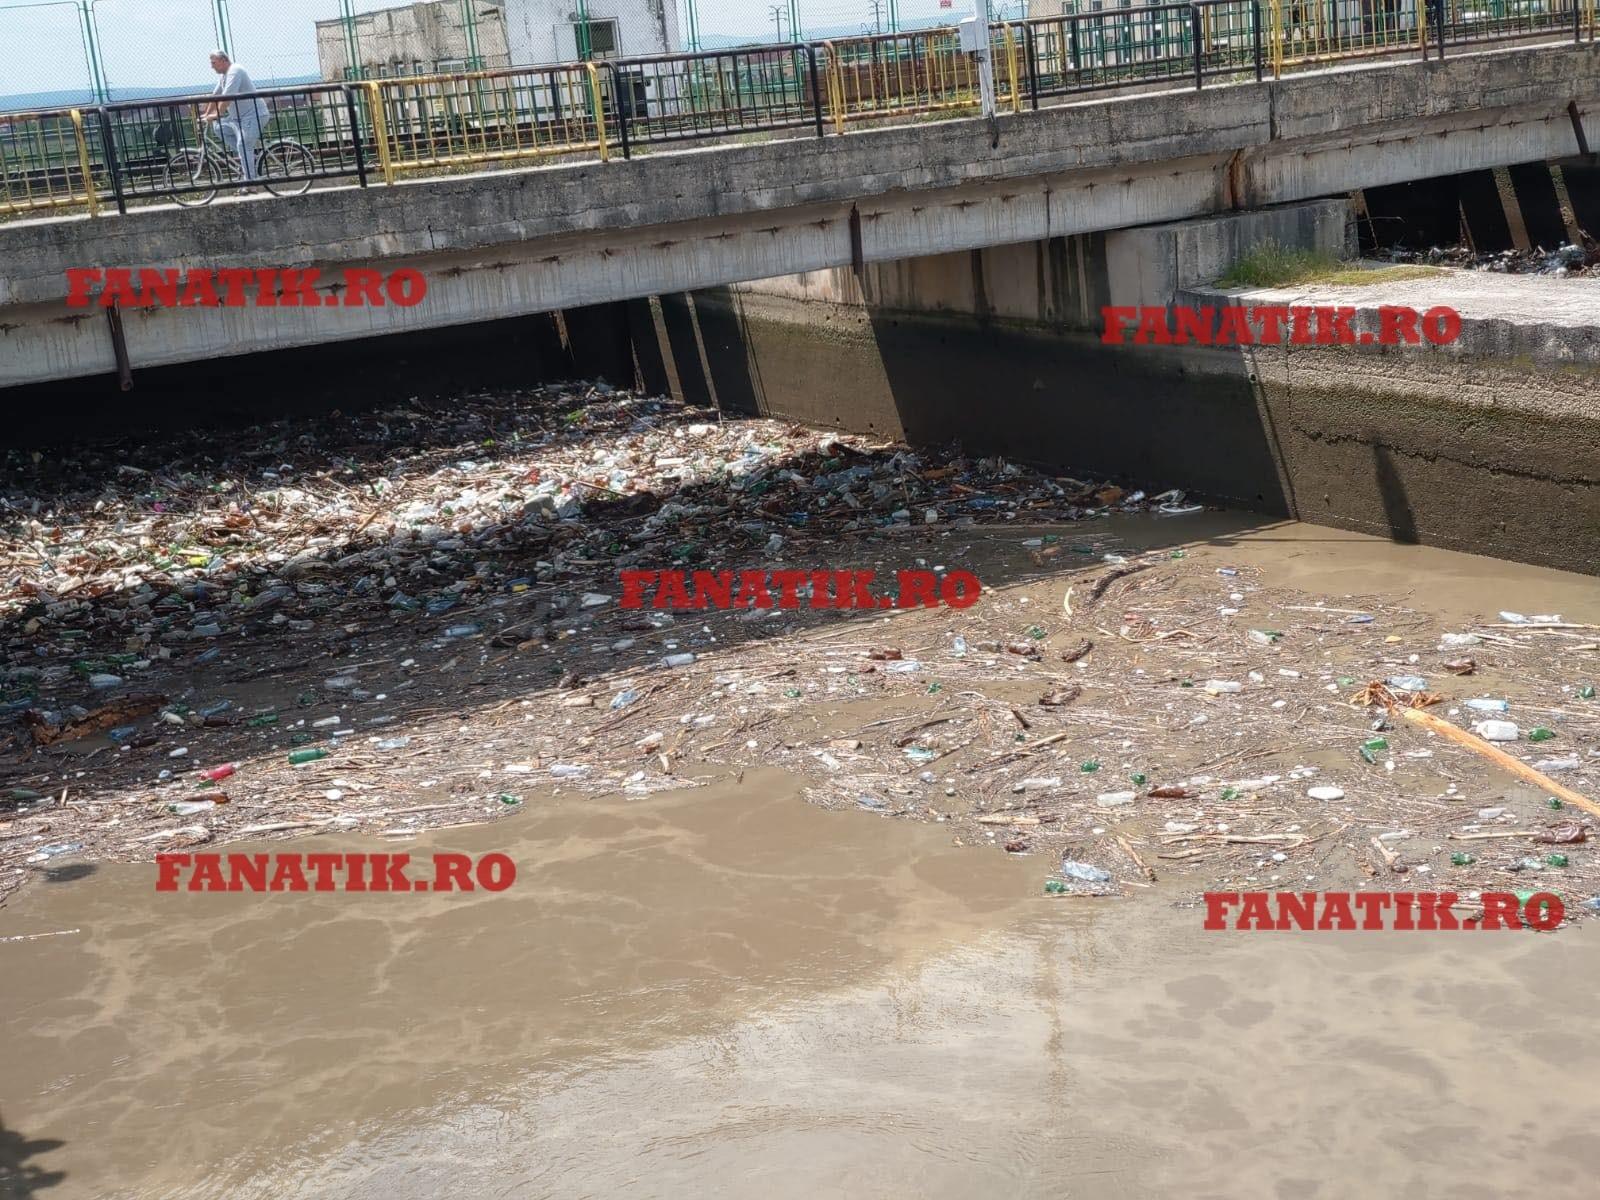 Mii de sticle din plastic și alte pet-uri au rămas blocate în barajul din Piața Centrală din Târgu Jiu, după ce debitul apei s-a mărit